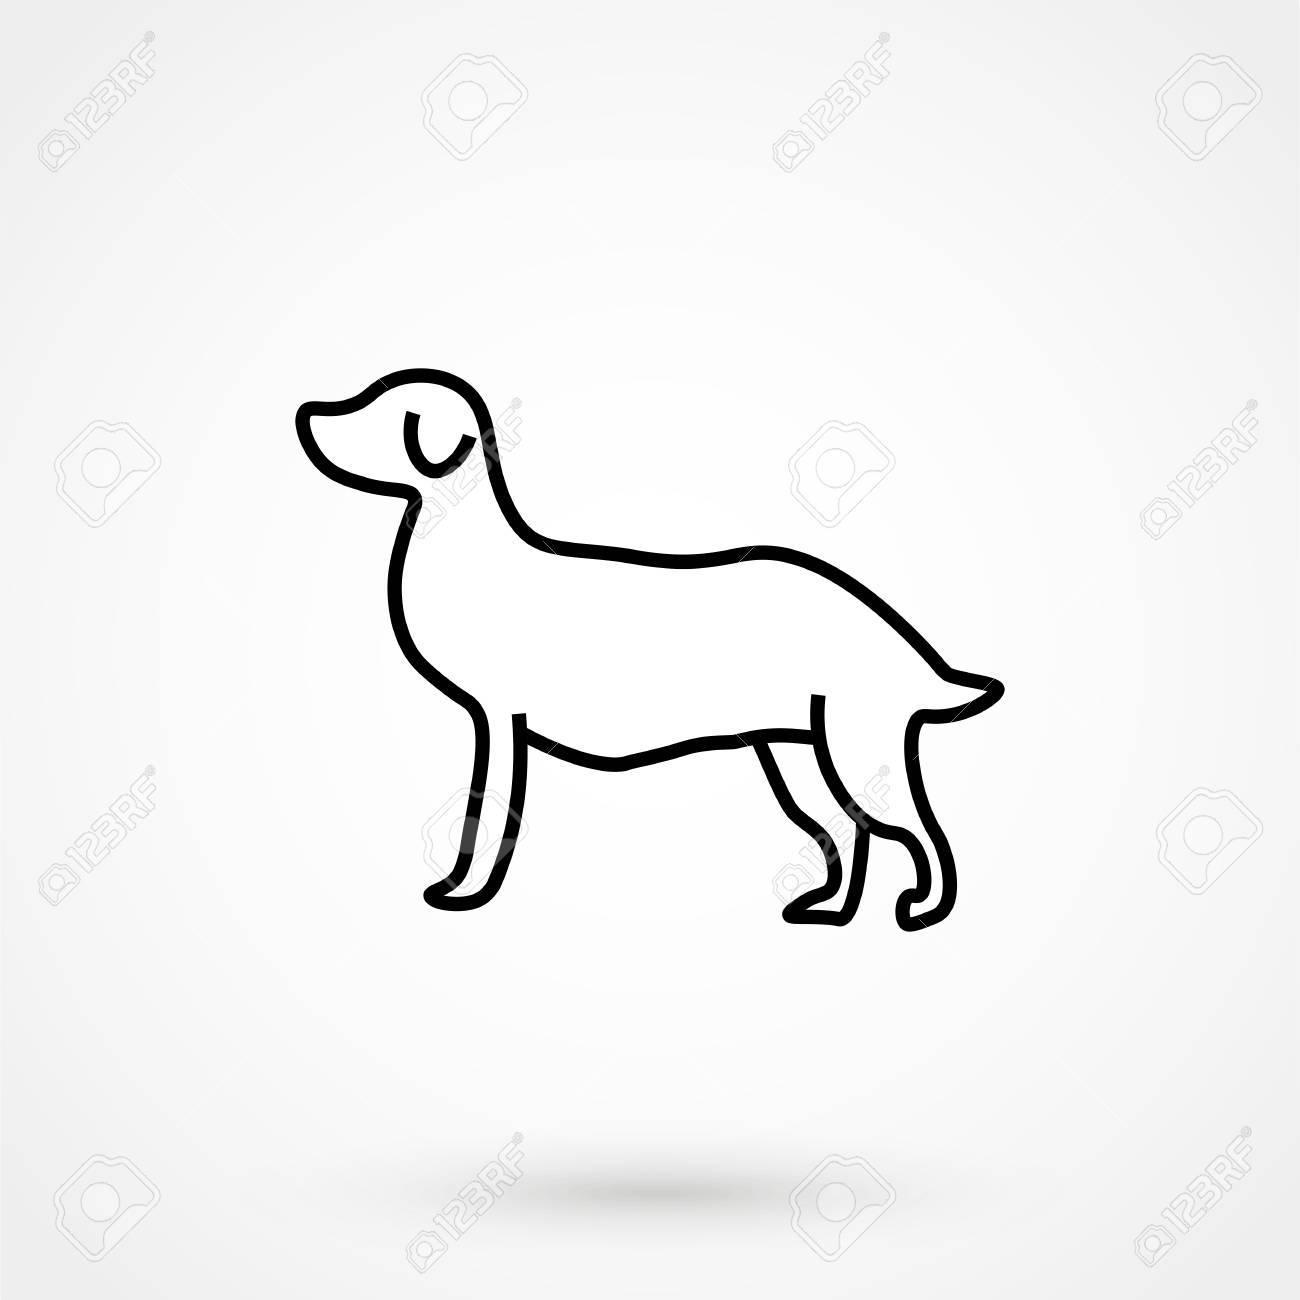 Disegno Di Un Cane Facile.Dog Icon Simple Design On A White Background Vector Illustration